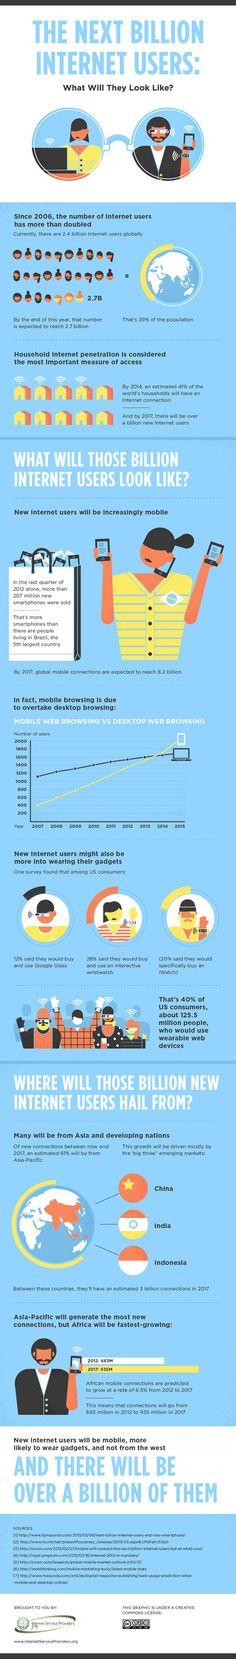 ¿Cómo serán los futuros usuarios de la red? #SocialMedia #redesssociales